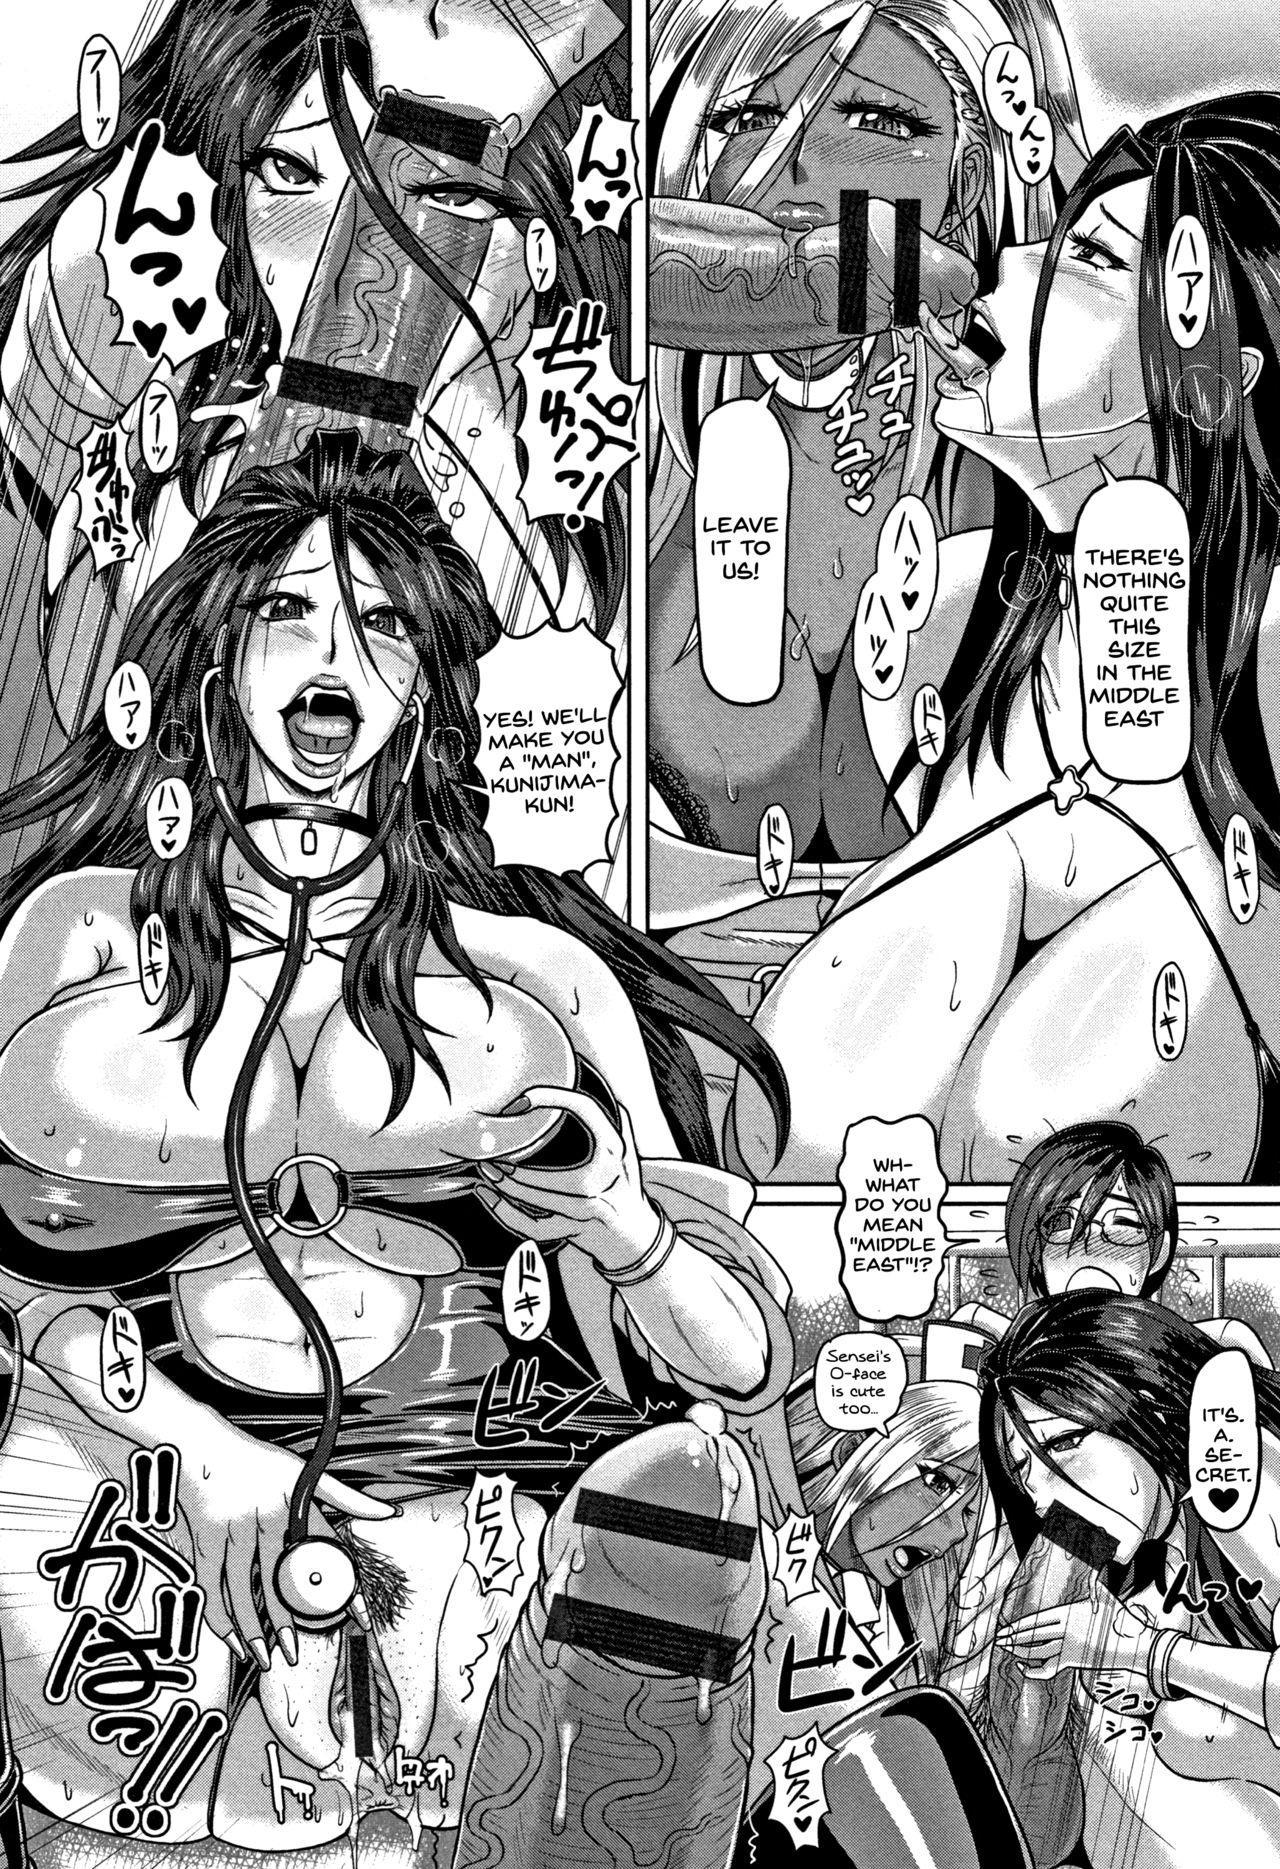 Kokoro to Karada Naoshite Ageru 8